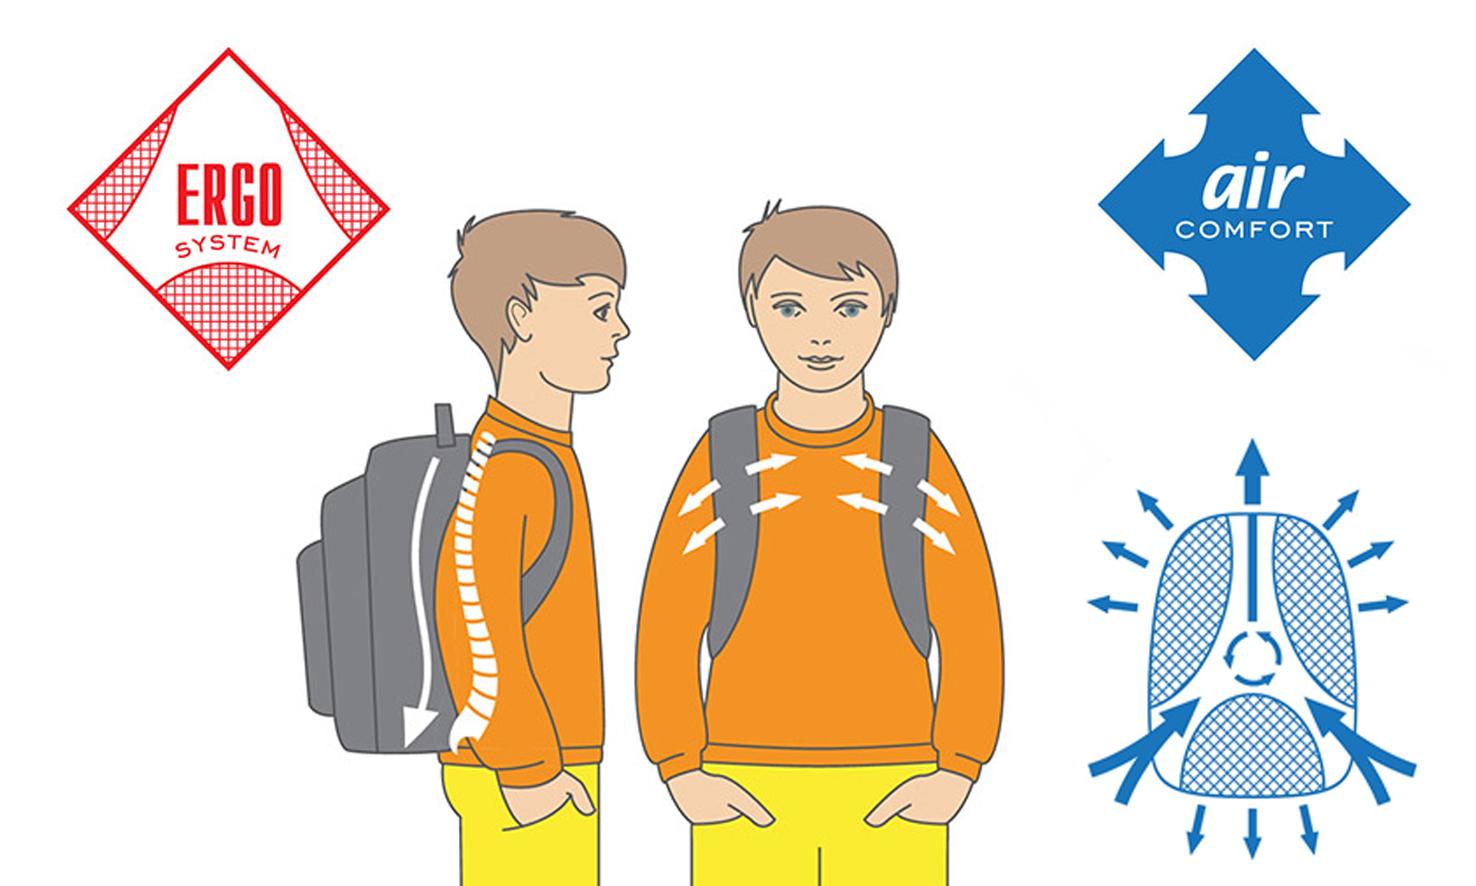 ортопедическая спина BIT4ALL, Система воздухообмена под спинкой рюкзака обеспечивают комфорт и безопасность для ребенка и взрослого